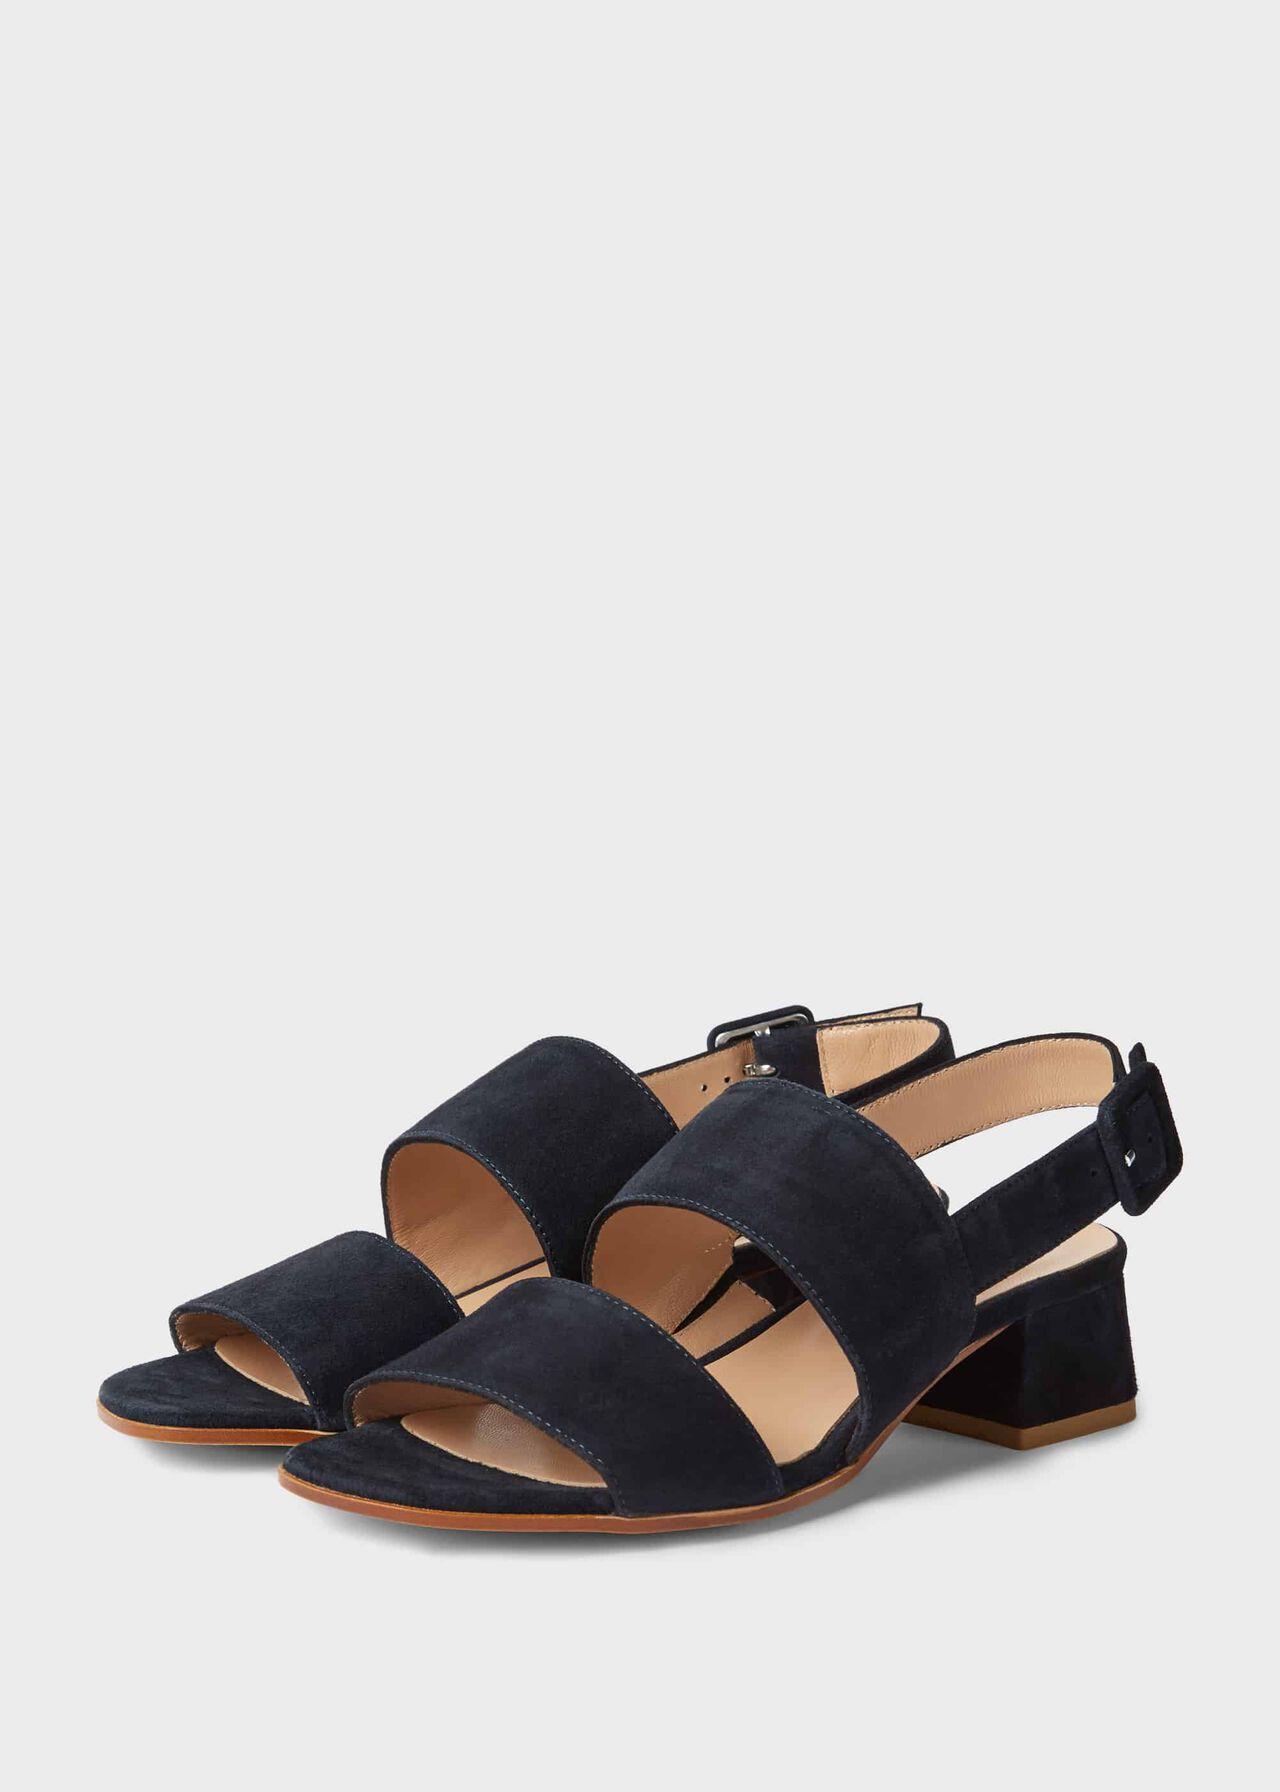 Claudia Suede Block Heel Sandals Navy